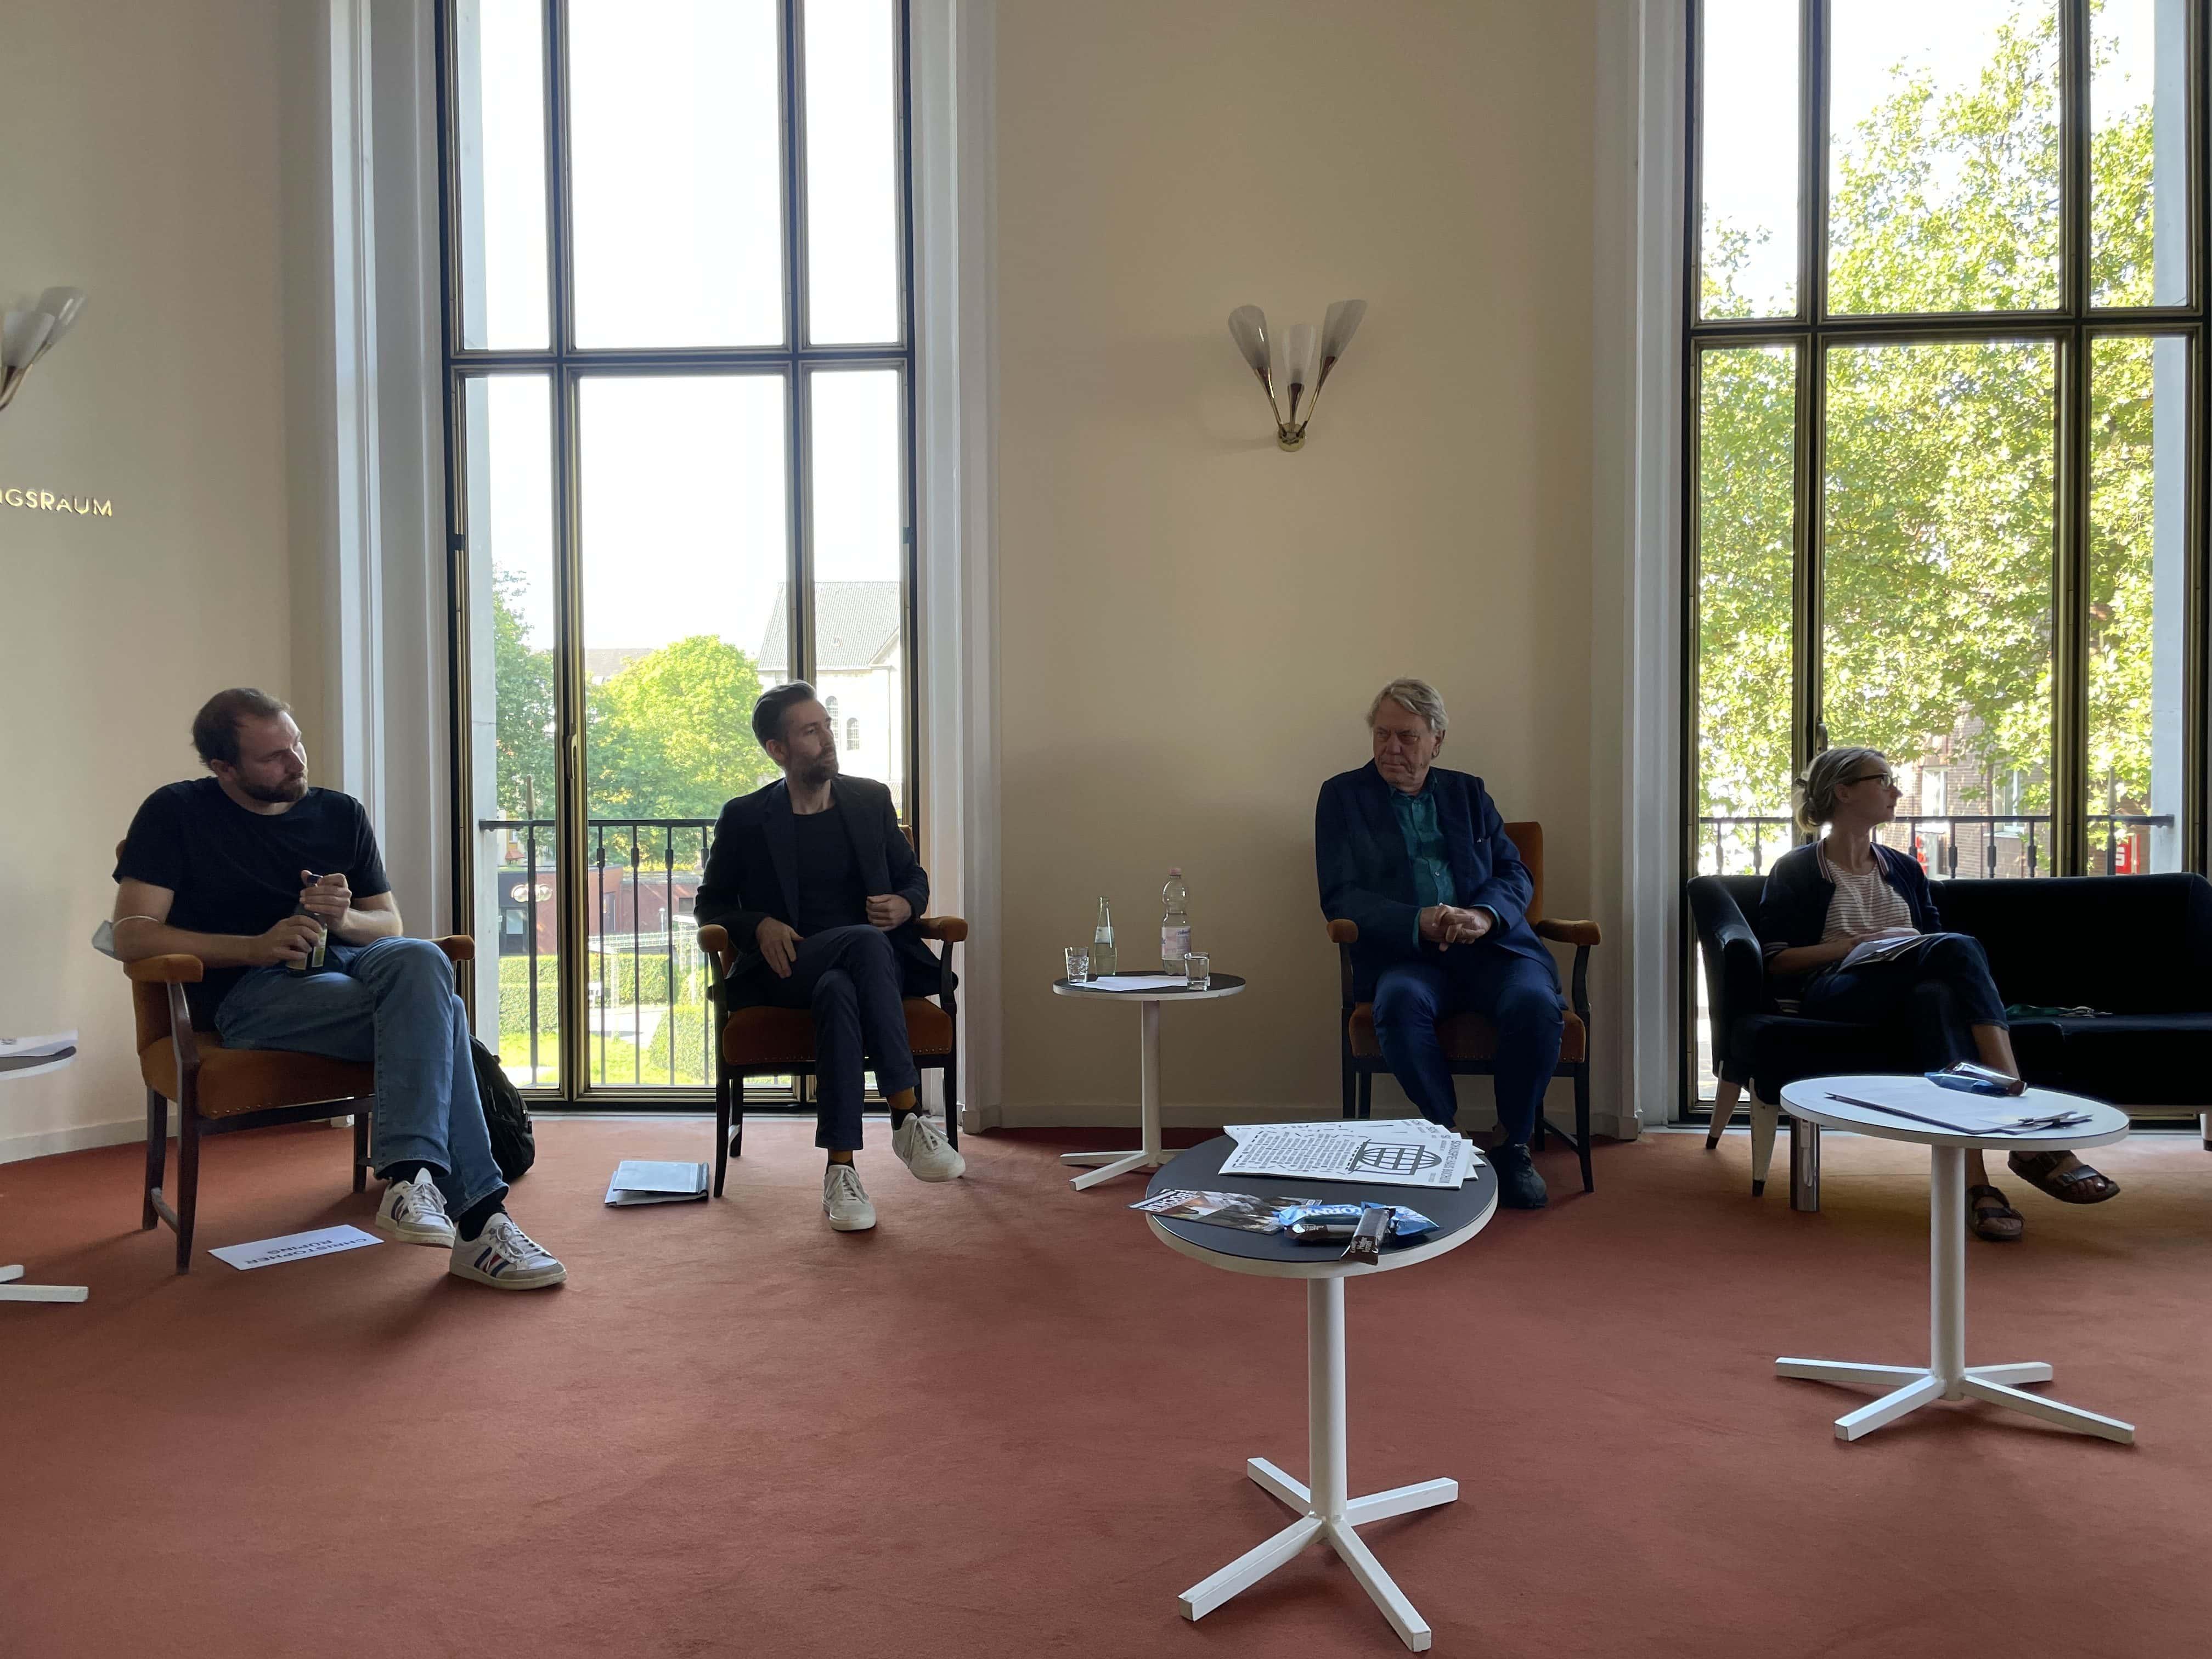 Schauspielhaus Bochum (Saison 2021-Auftaktgespräch): Christopher Rüping, Vasco Boenisch, Johan Simons, Angela Obst